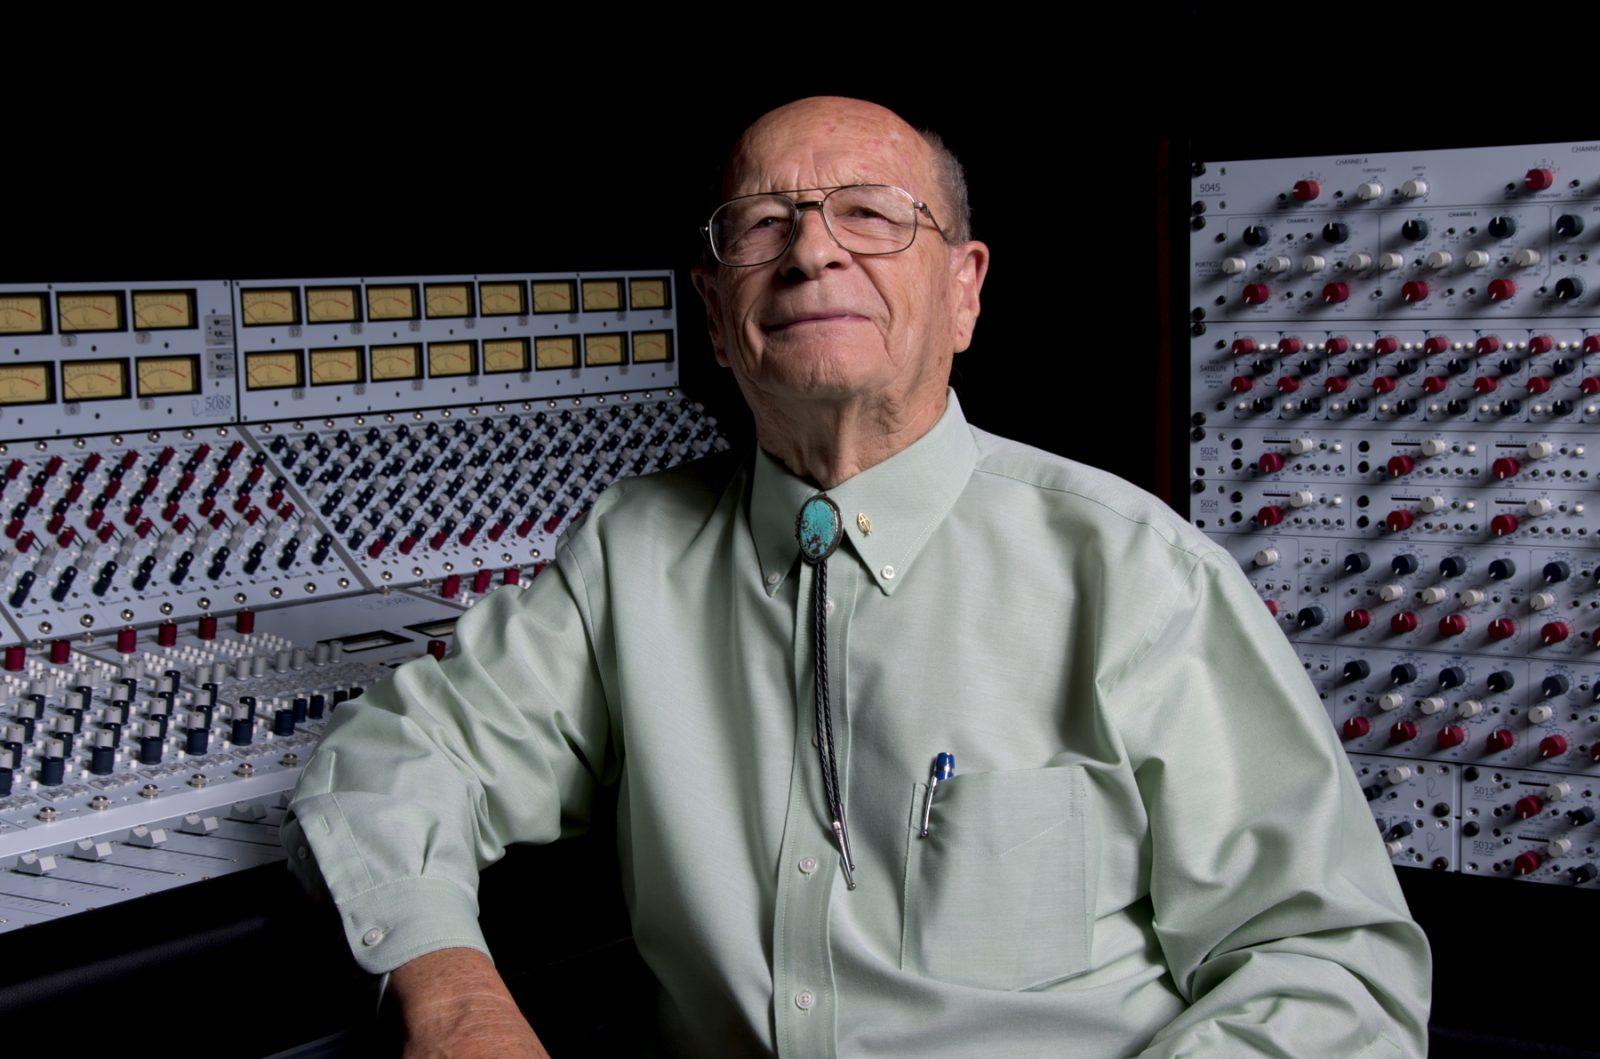 Rupert Neve in front of equipment